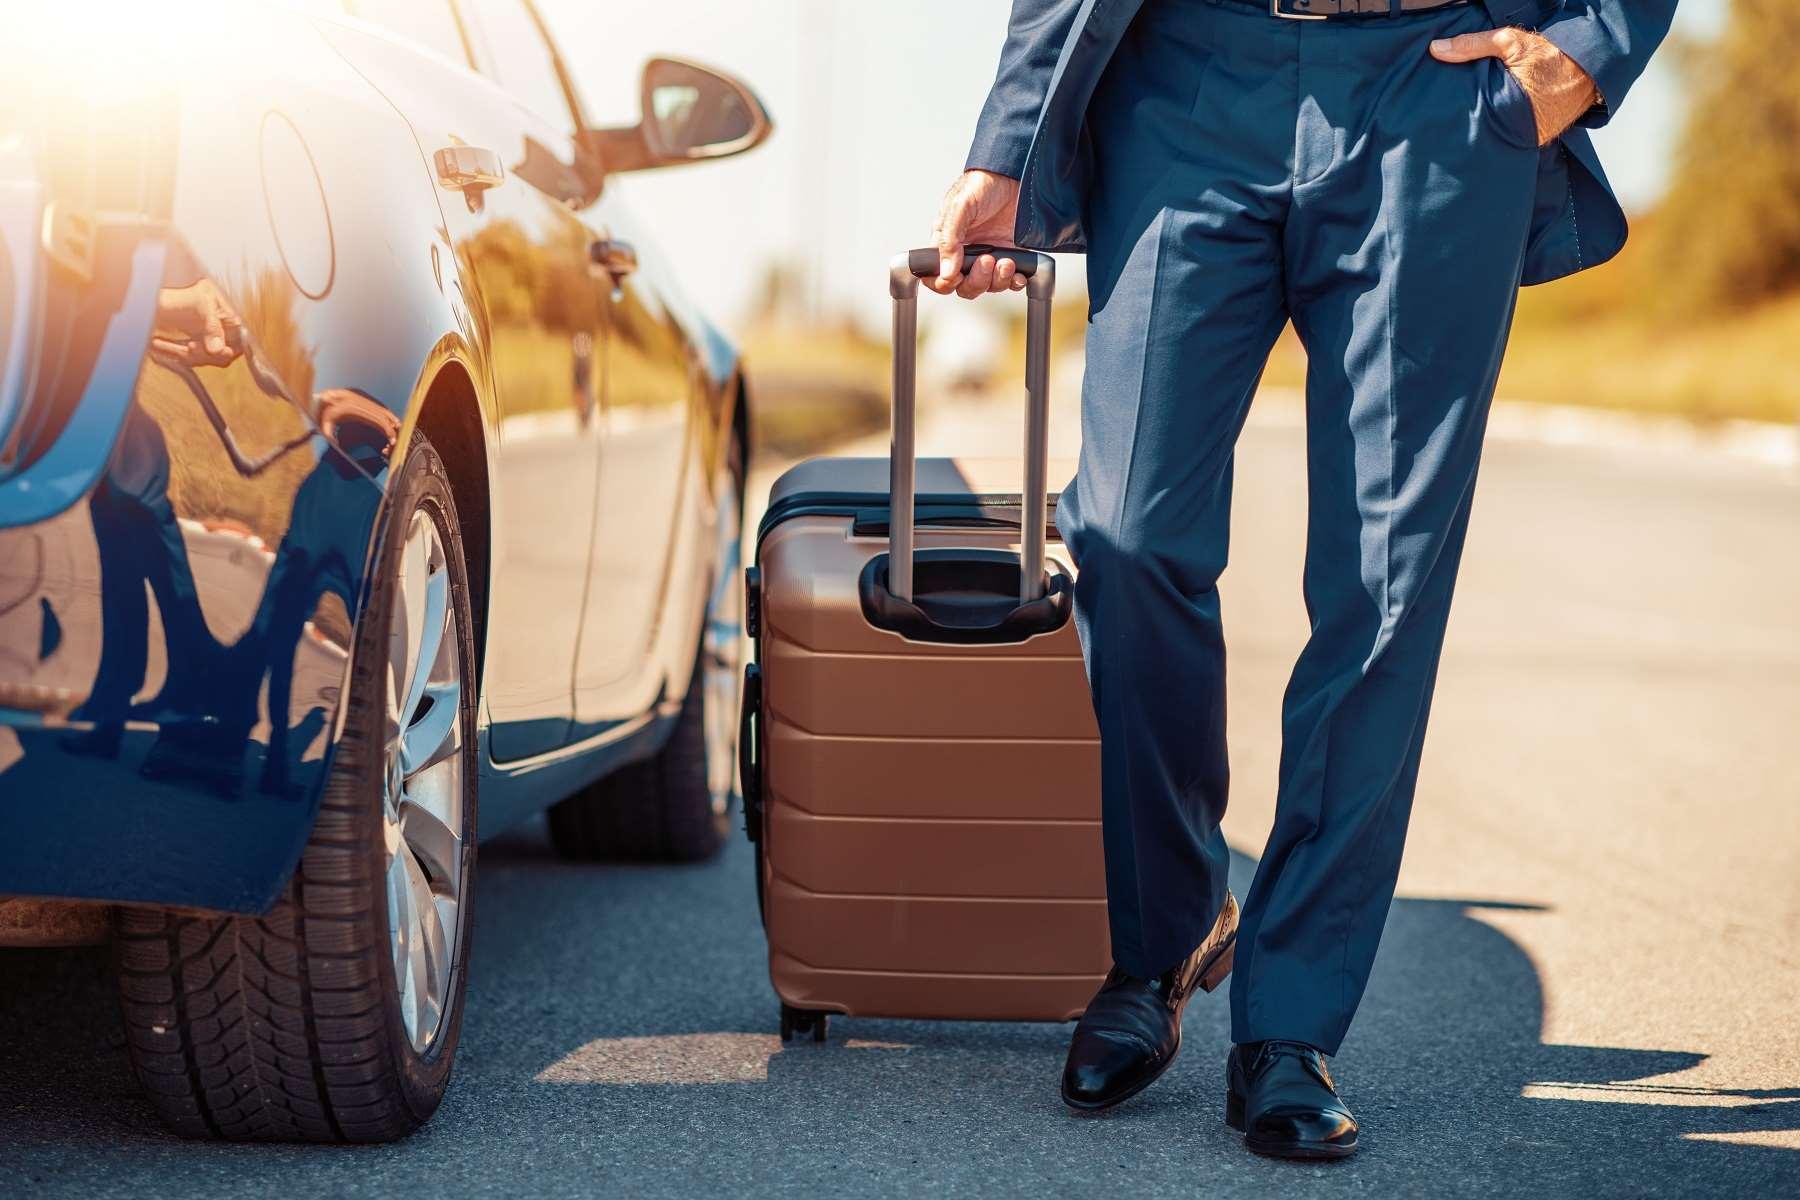 Polecenie wyjazdu służbowego - jak je wypełnić? Pobierz darmowy wzór.